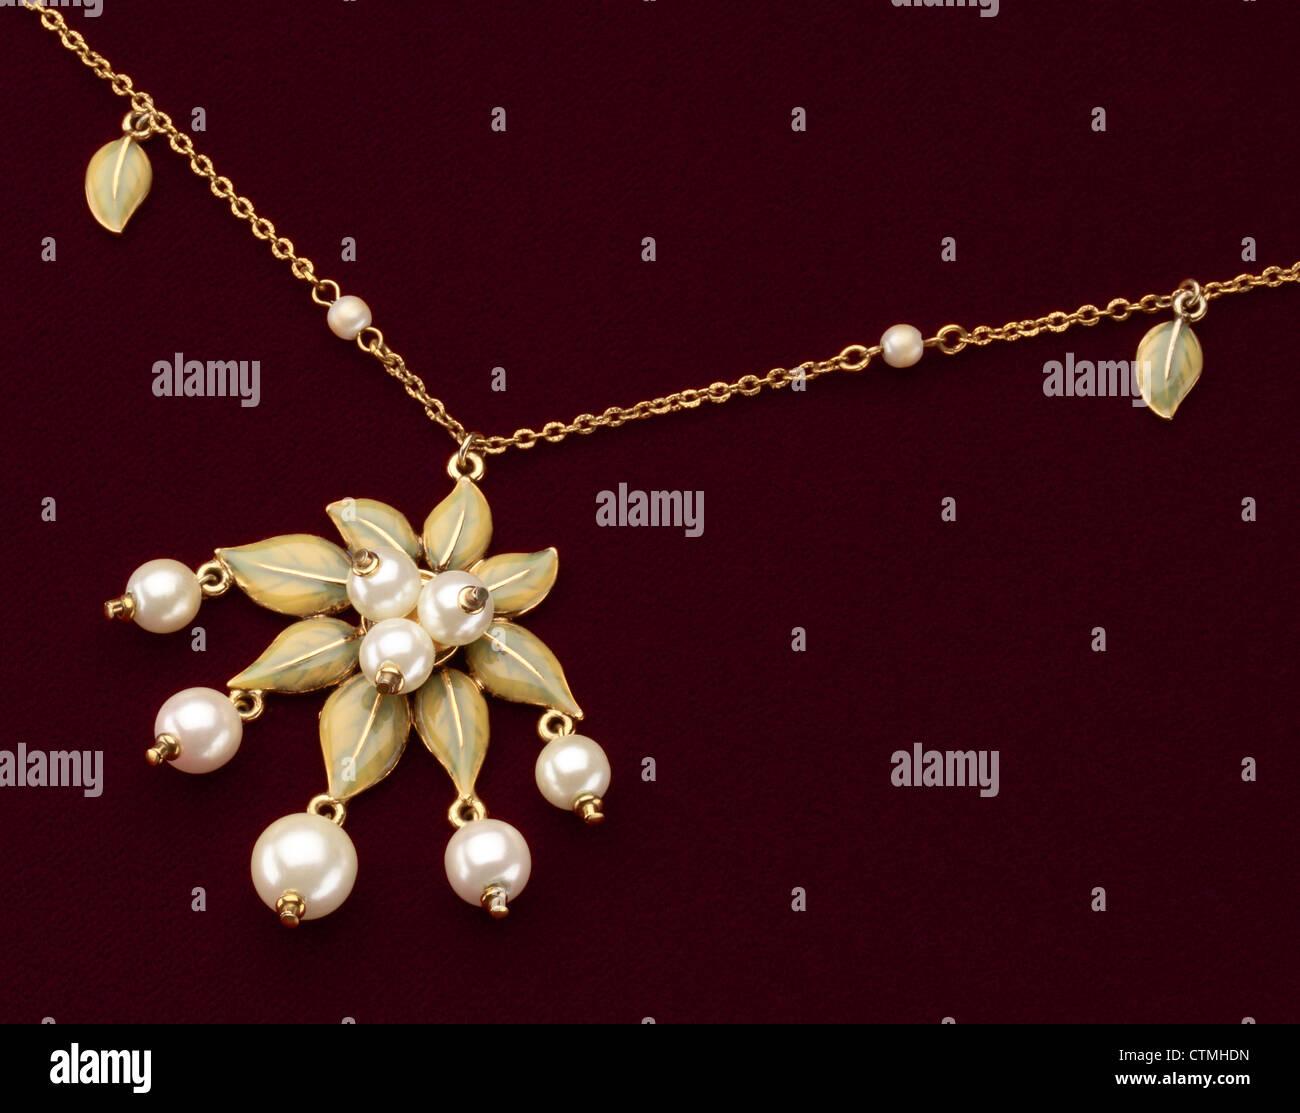 Les Bijoux de costume. Une vue rapprochée d'un collier en or avec fleur et perles de perles. Photo Stock